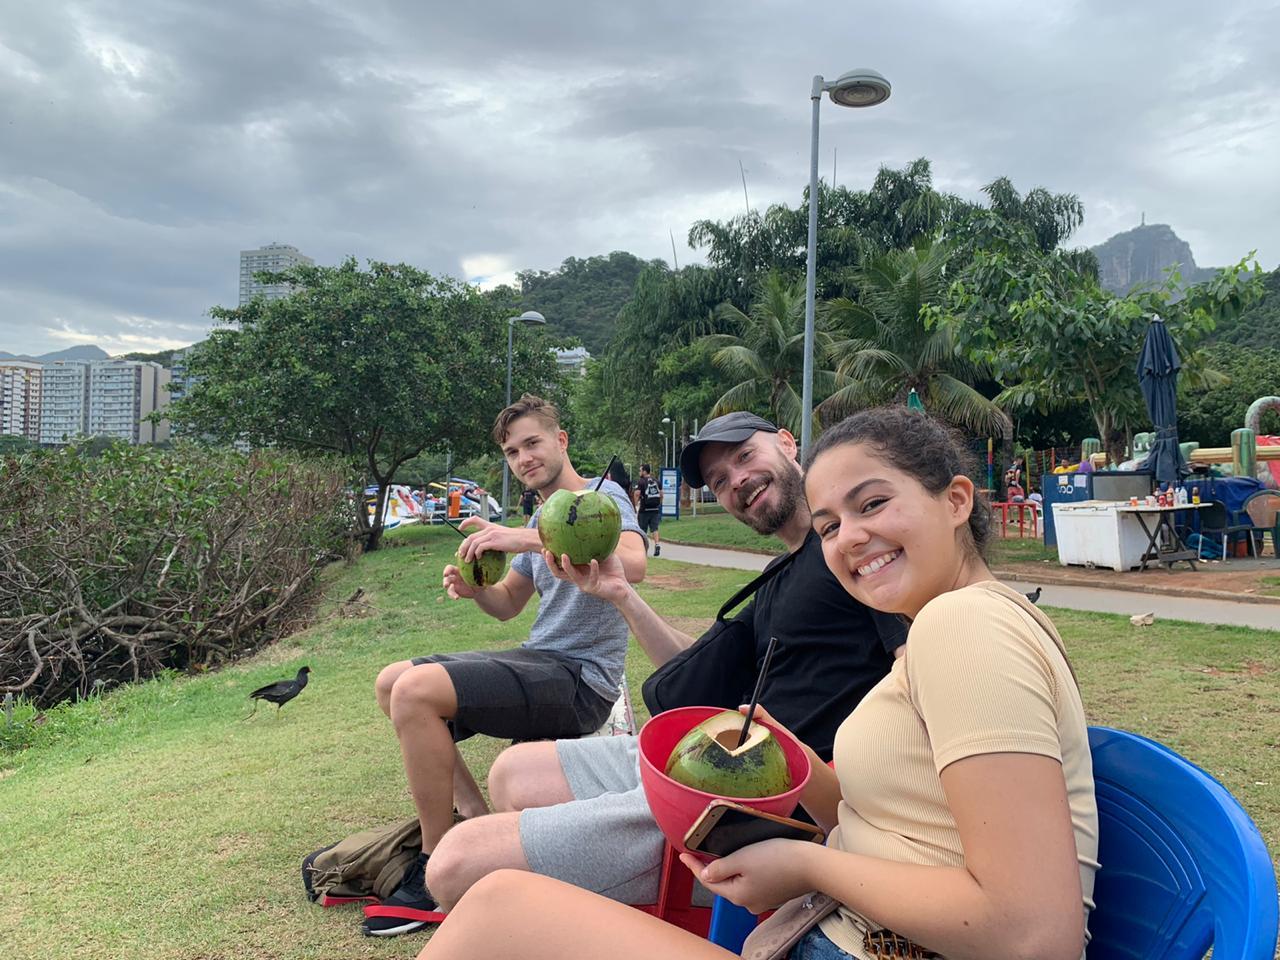 Los estudiantes bebiendo un coco junto al lago de Río de Janeiro después de pasar el día de montaña y bicicleta en la Lagoa.